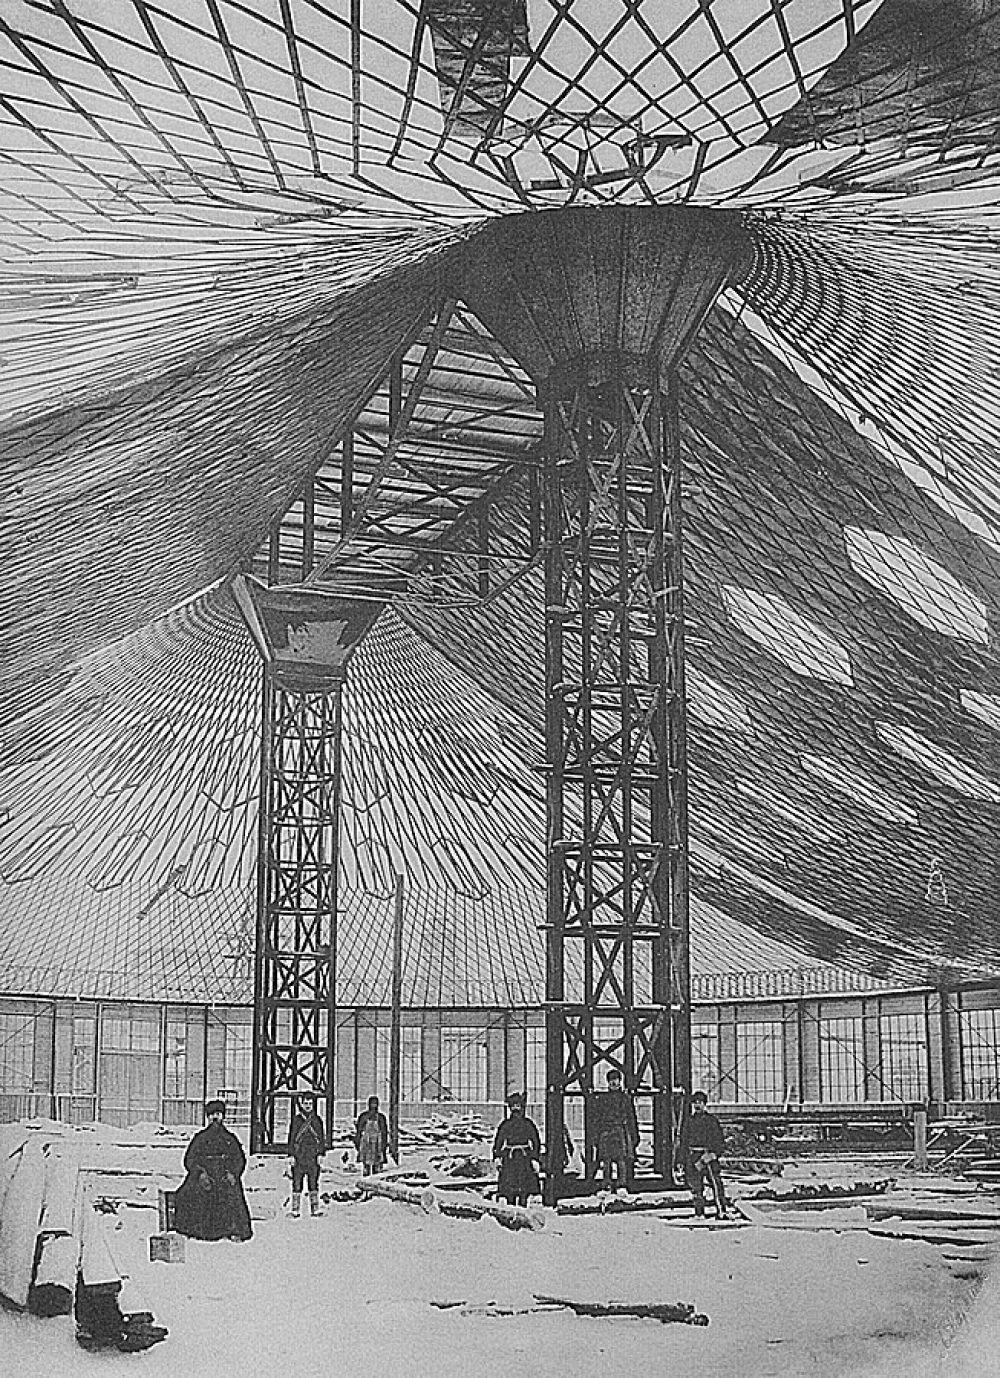 На выставке были построены восемь павильонов с перекрытиями в виде сетчатых оболочек.